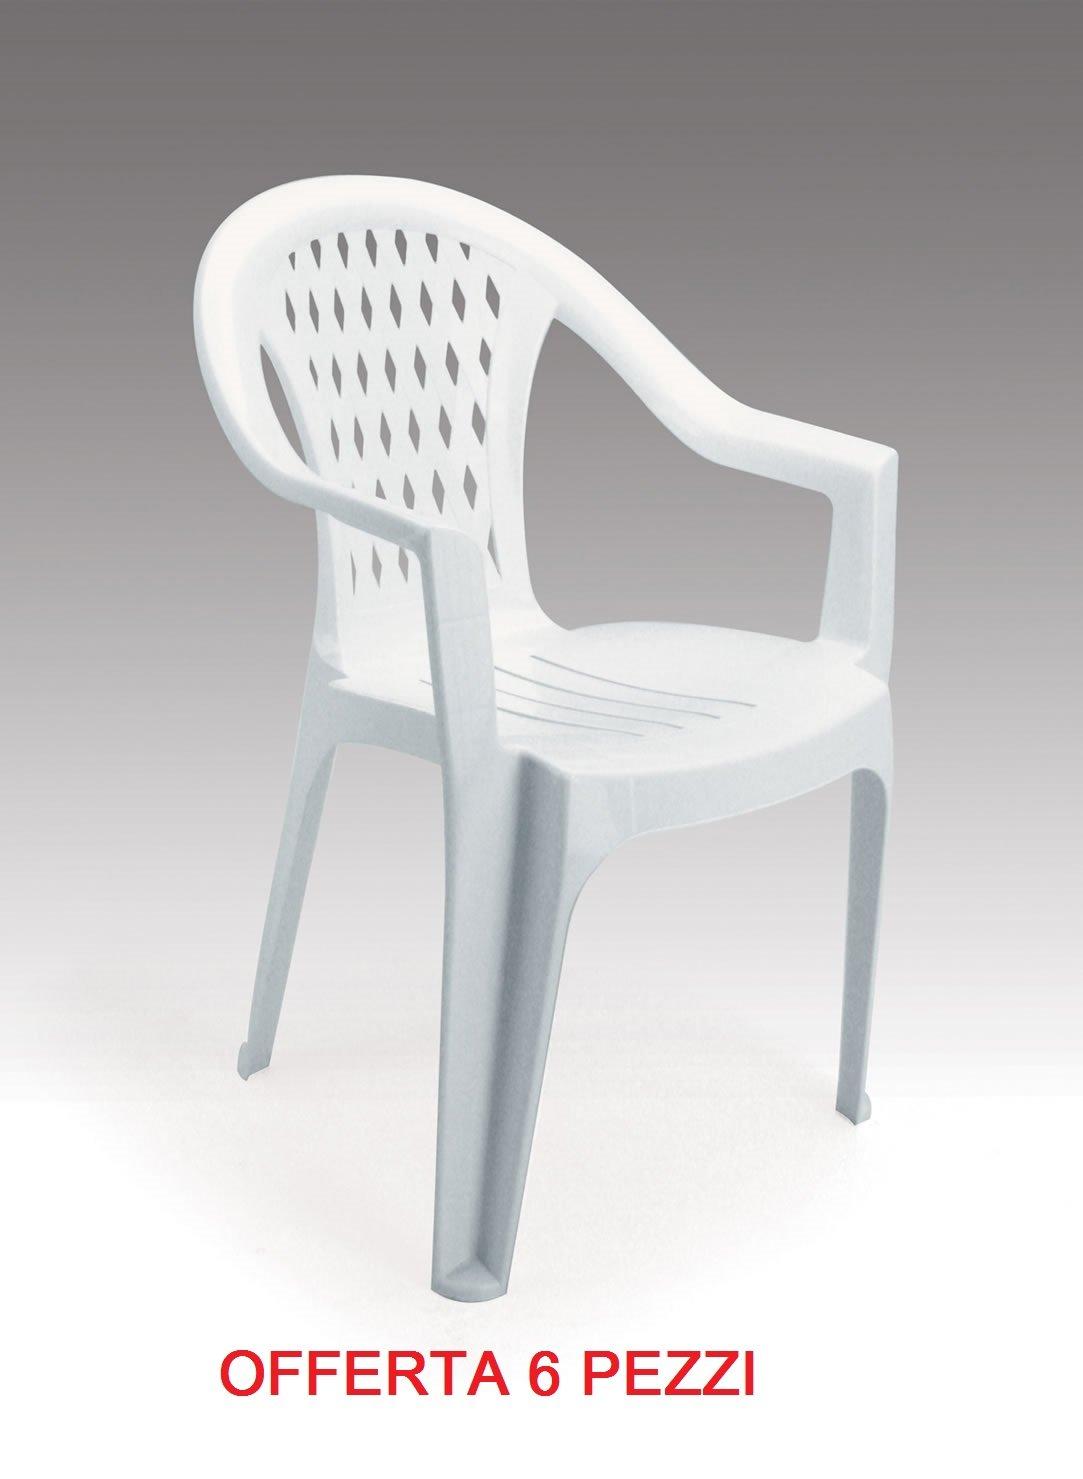 GBSHOP Sedia poltrona da giardino economica in plastica/resina confezione da 6 pezzi offerta IGAP - GRANDSOLEIL